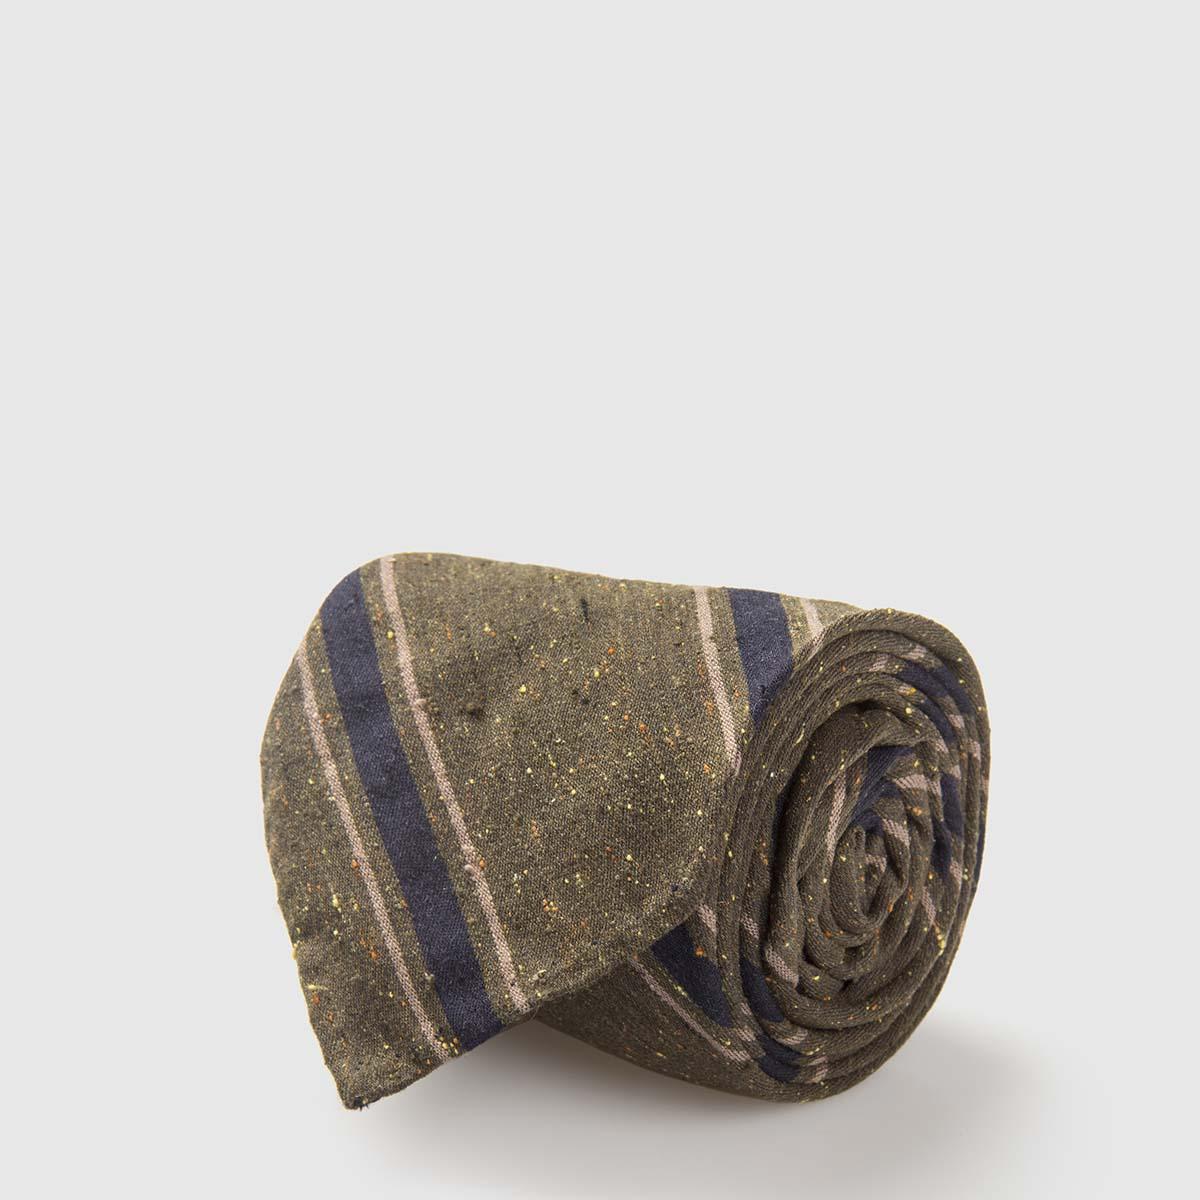 Cravatta rifinita a mano in pregiato Shantung di Seta G.inglese